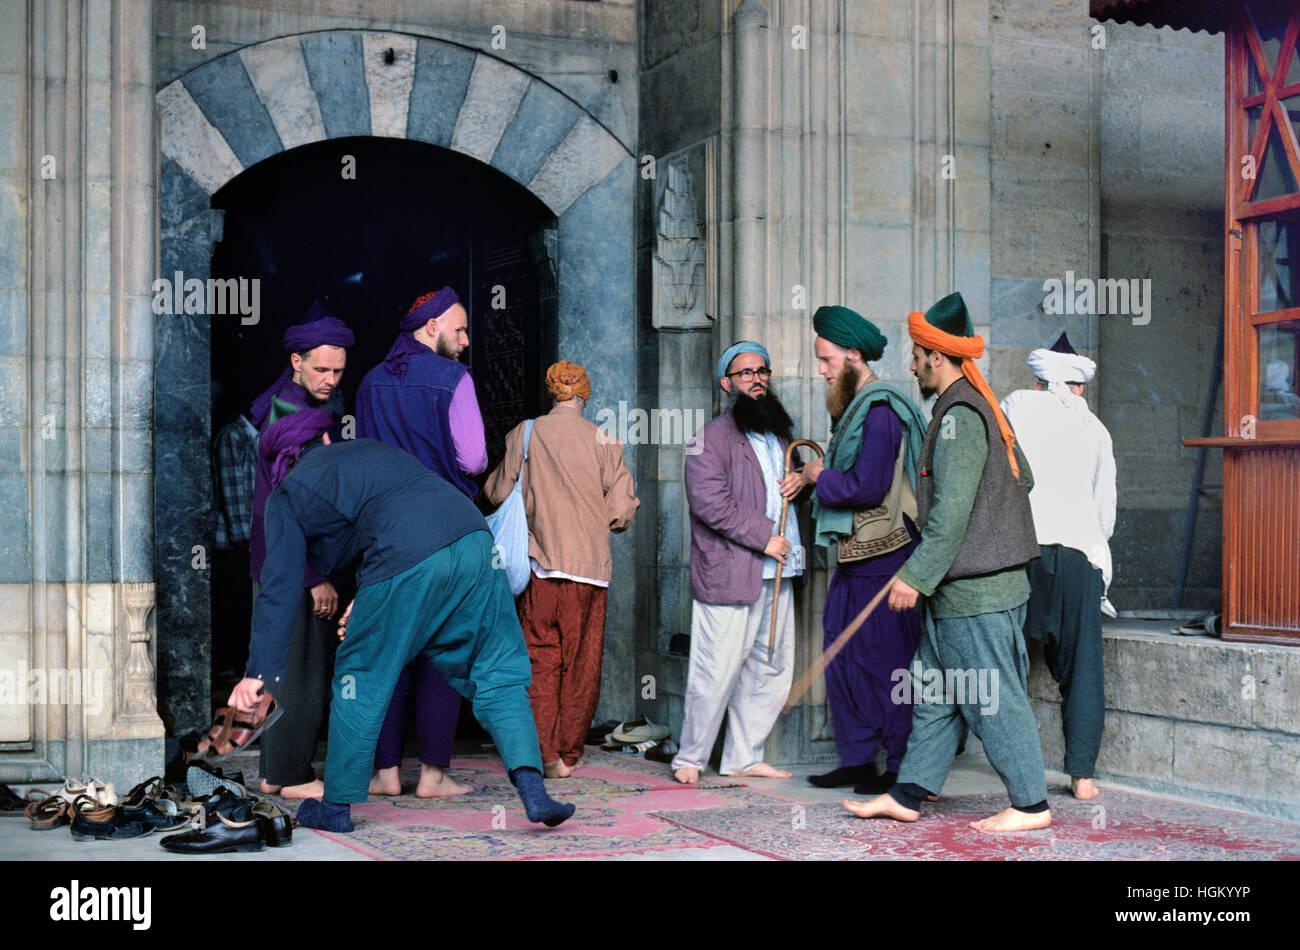 Westlichen Konvertiten zum Islam auf Pilgerreise außerhalb der Mevlana Museum oder Schrein (1274) Konya Türkei Stockbild